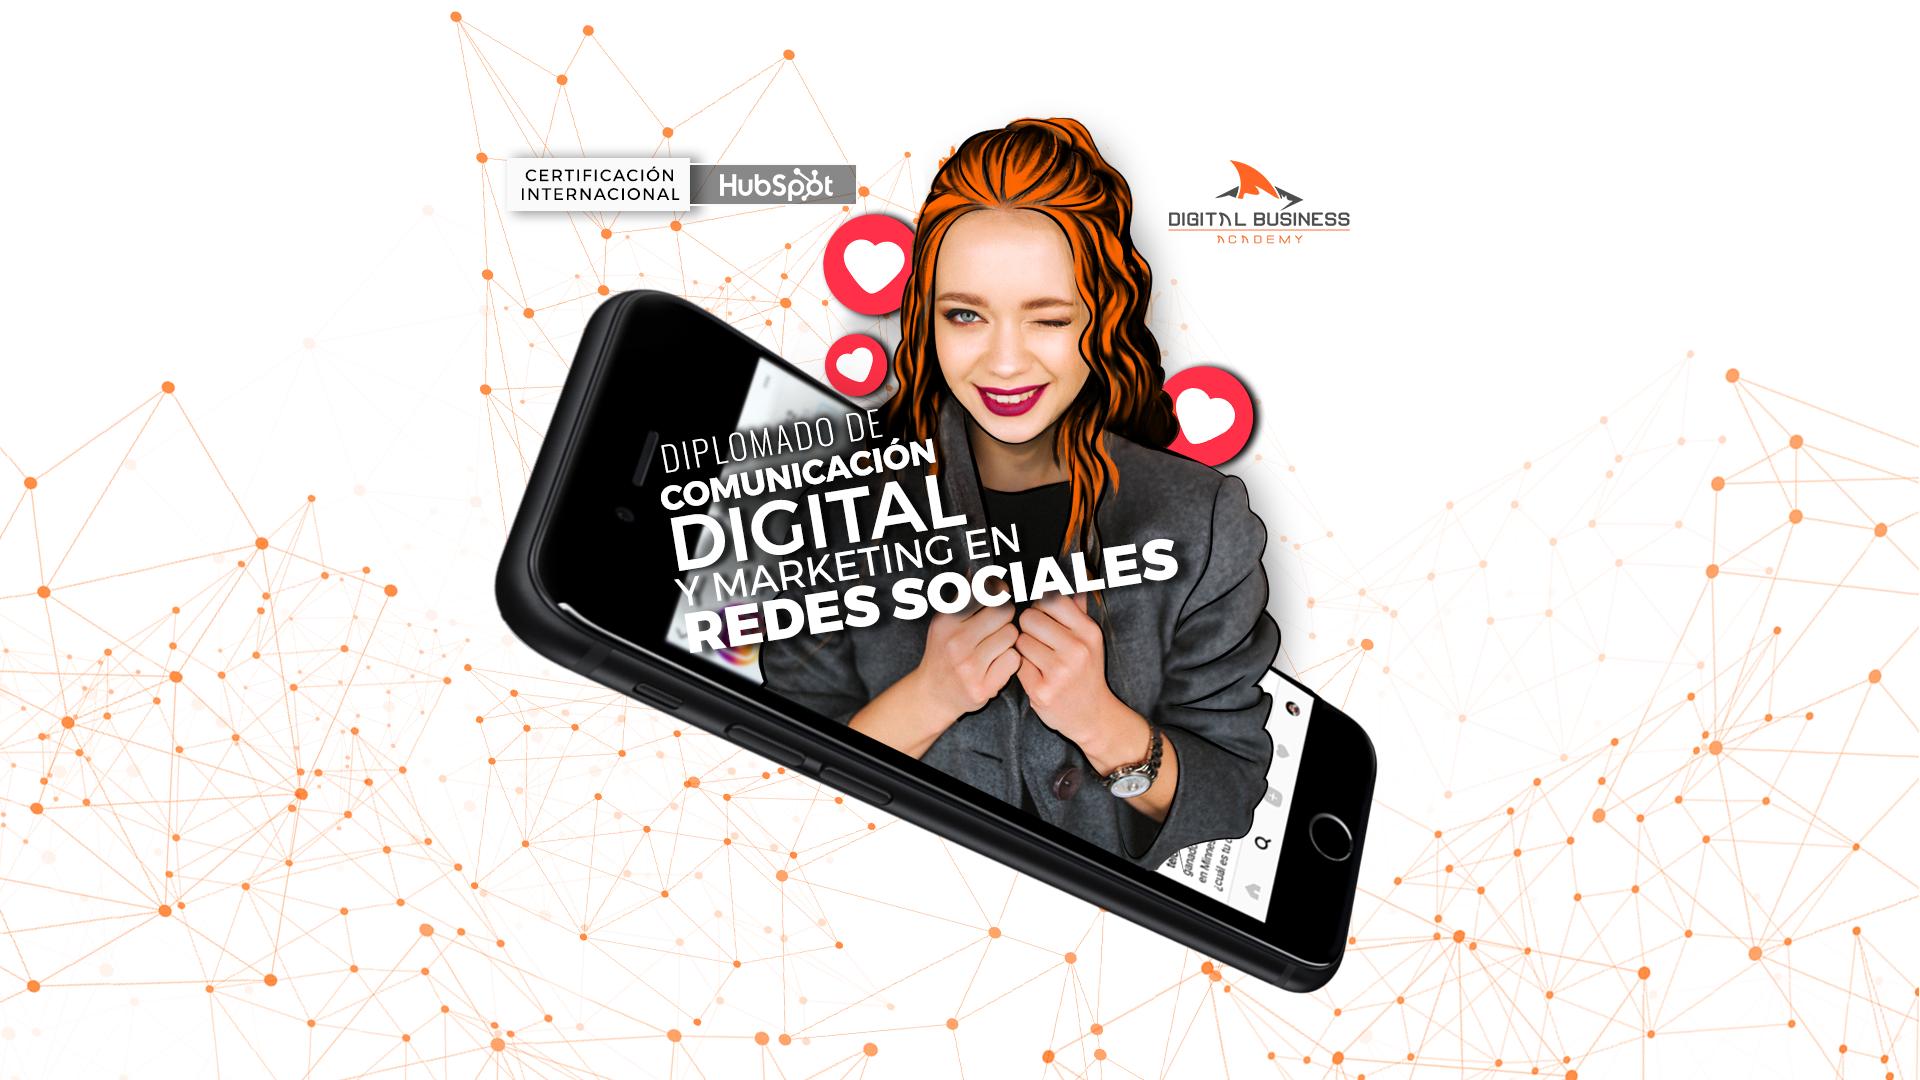 marketing-en-redes-sociales